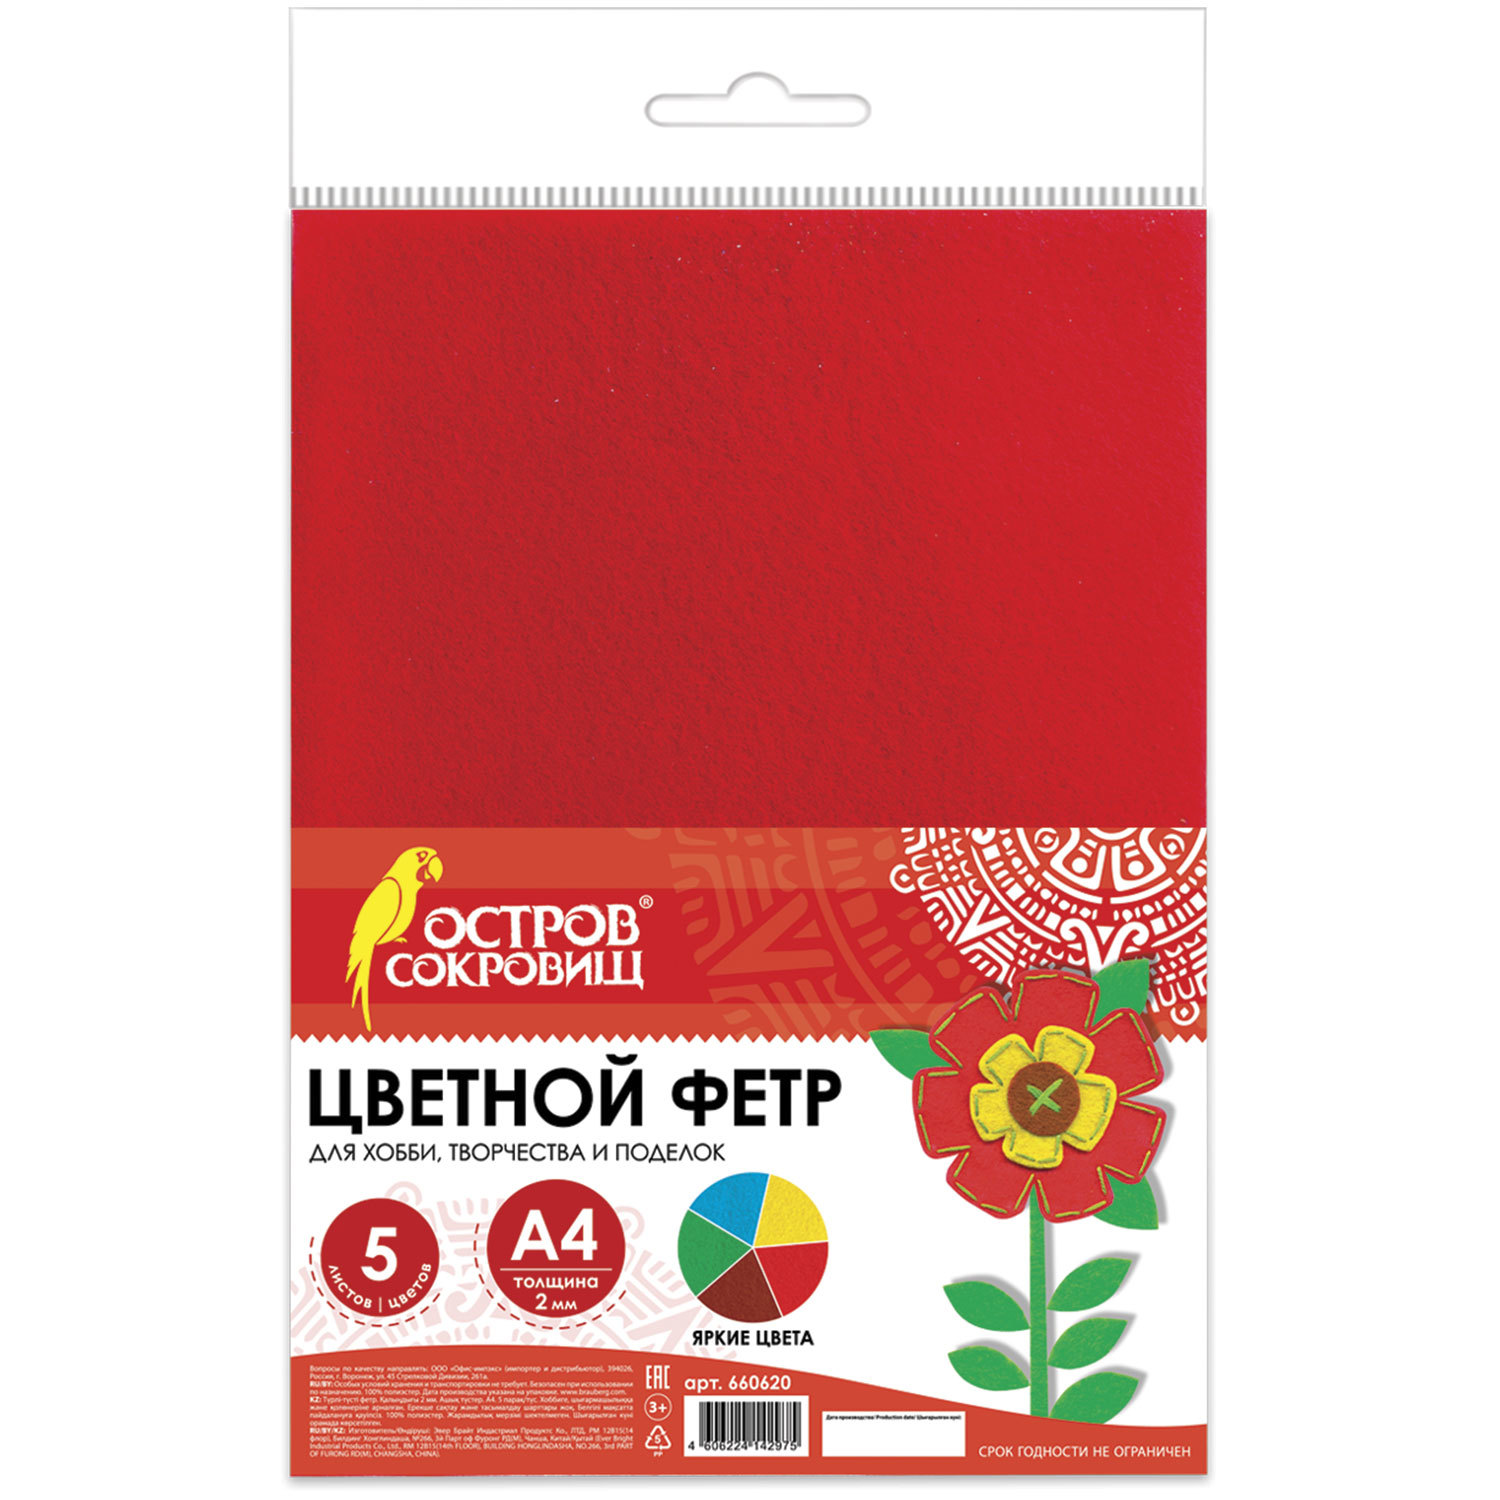 Цветной фетр для творчества, А4, ОСТРОВ СОКРОВИЩ, 5 листов, 5 цветов, толщина 2 мм, 660620